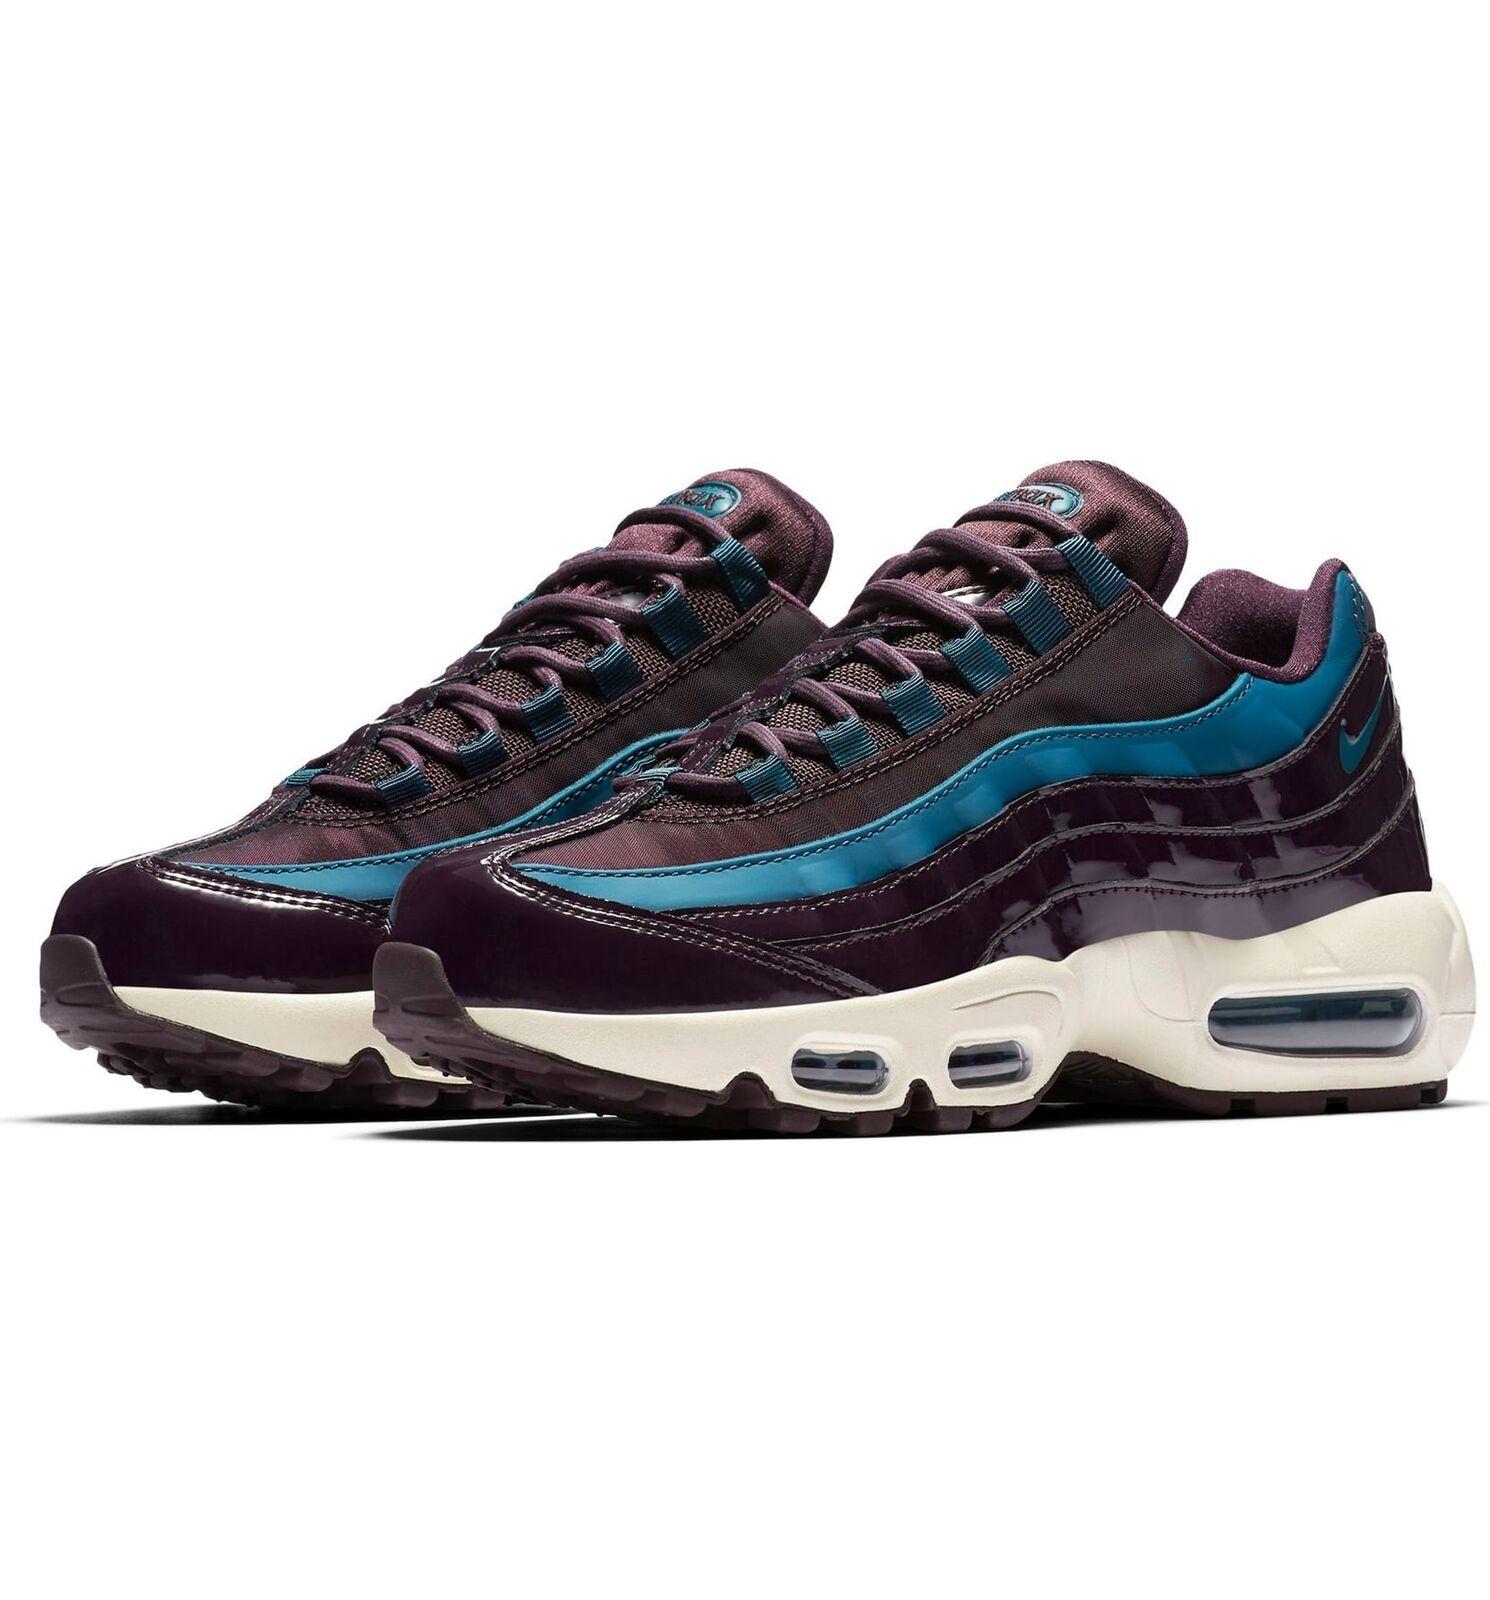 Wmns nike air max 95 edizione speciale di scarpe da corsa - 44 (porto / spazio blu